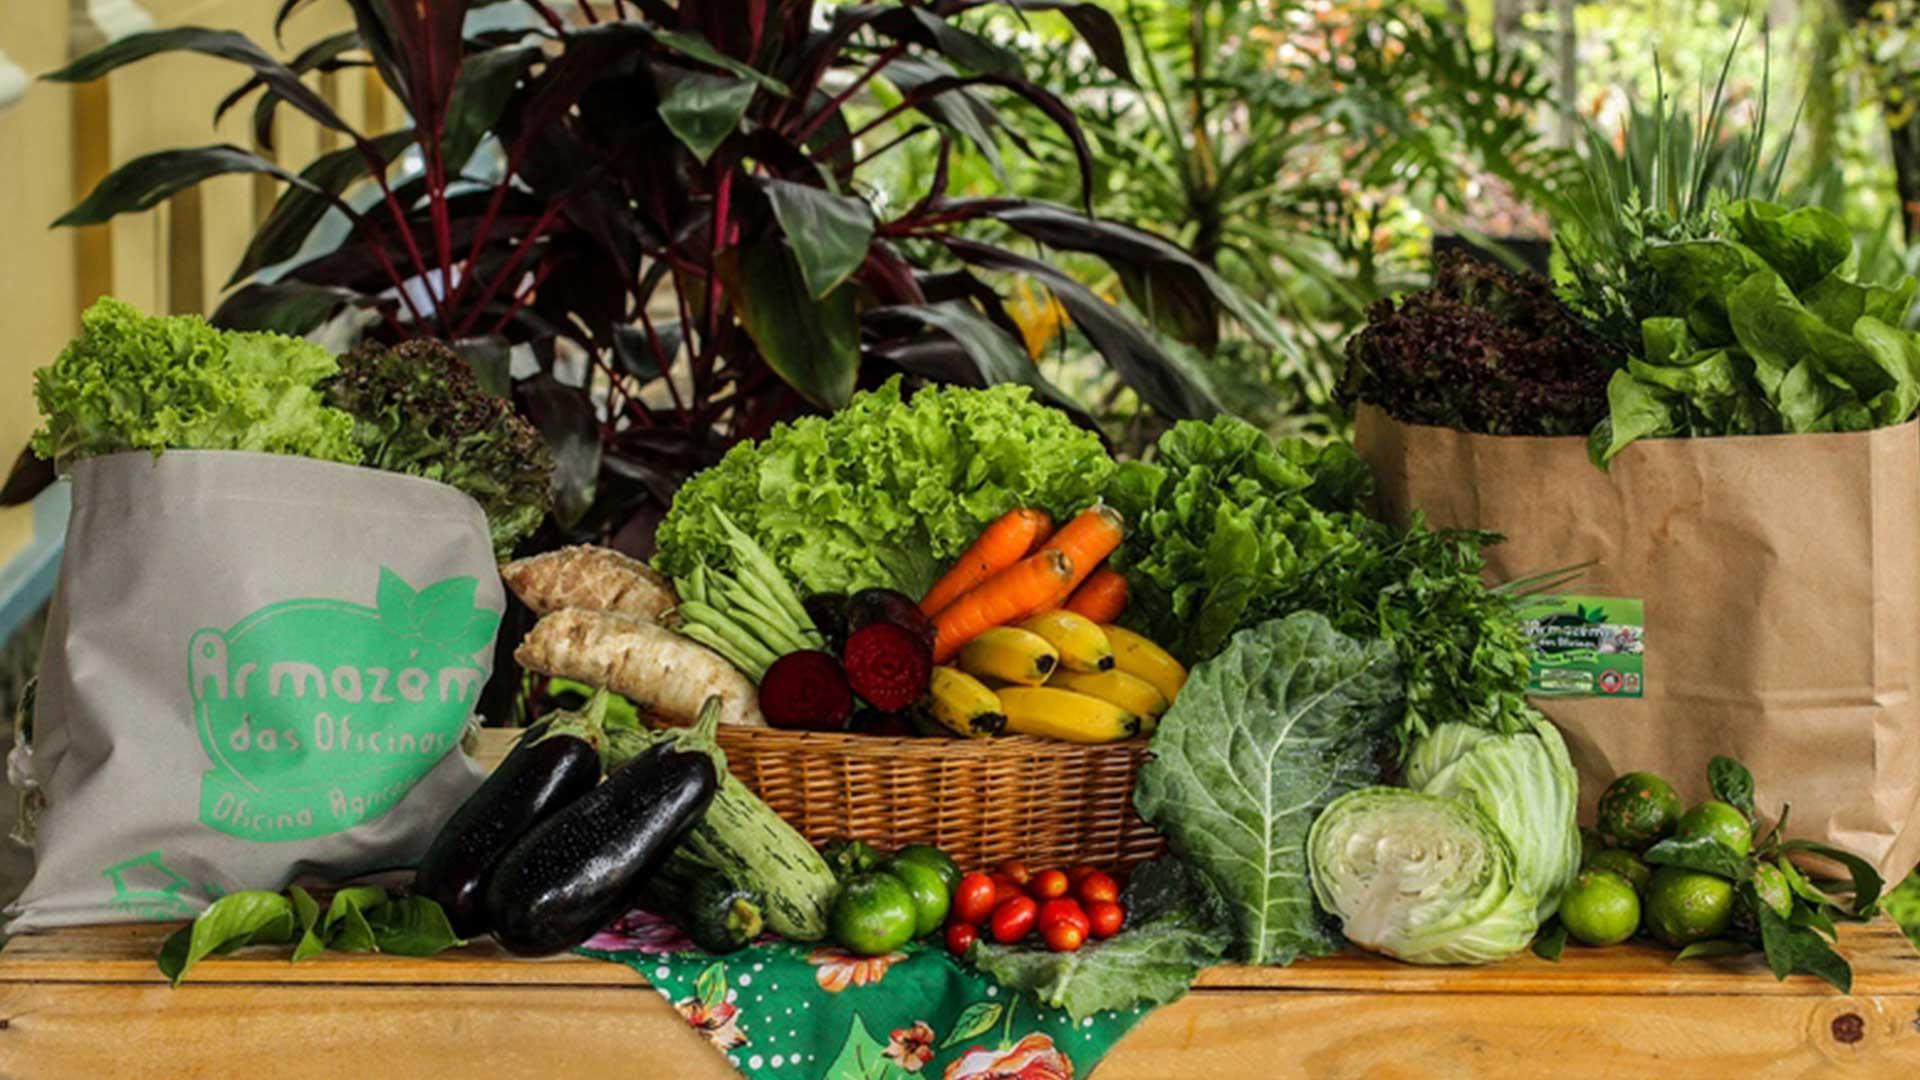 cestas-organicas-campinas